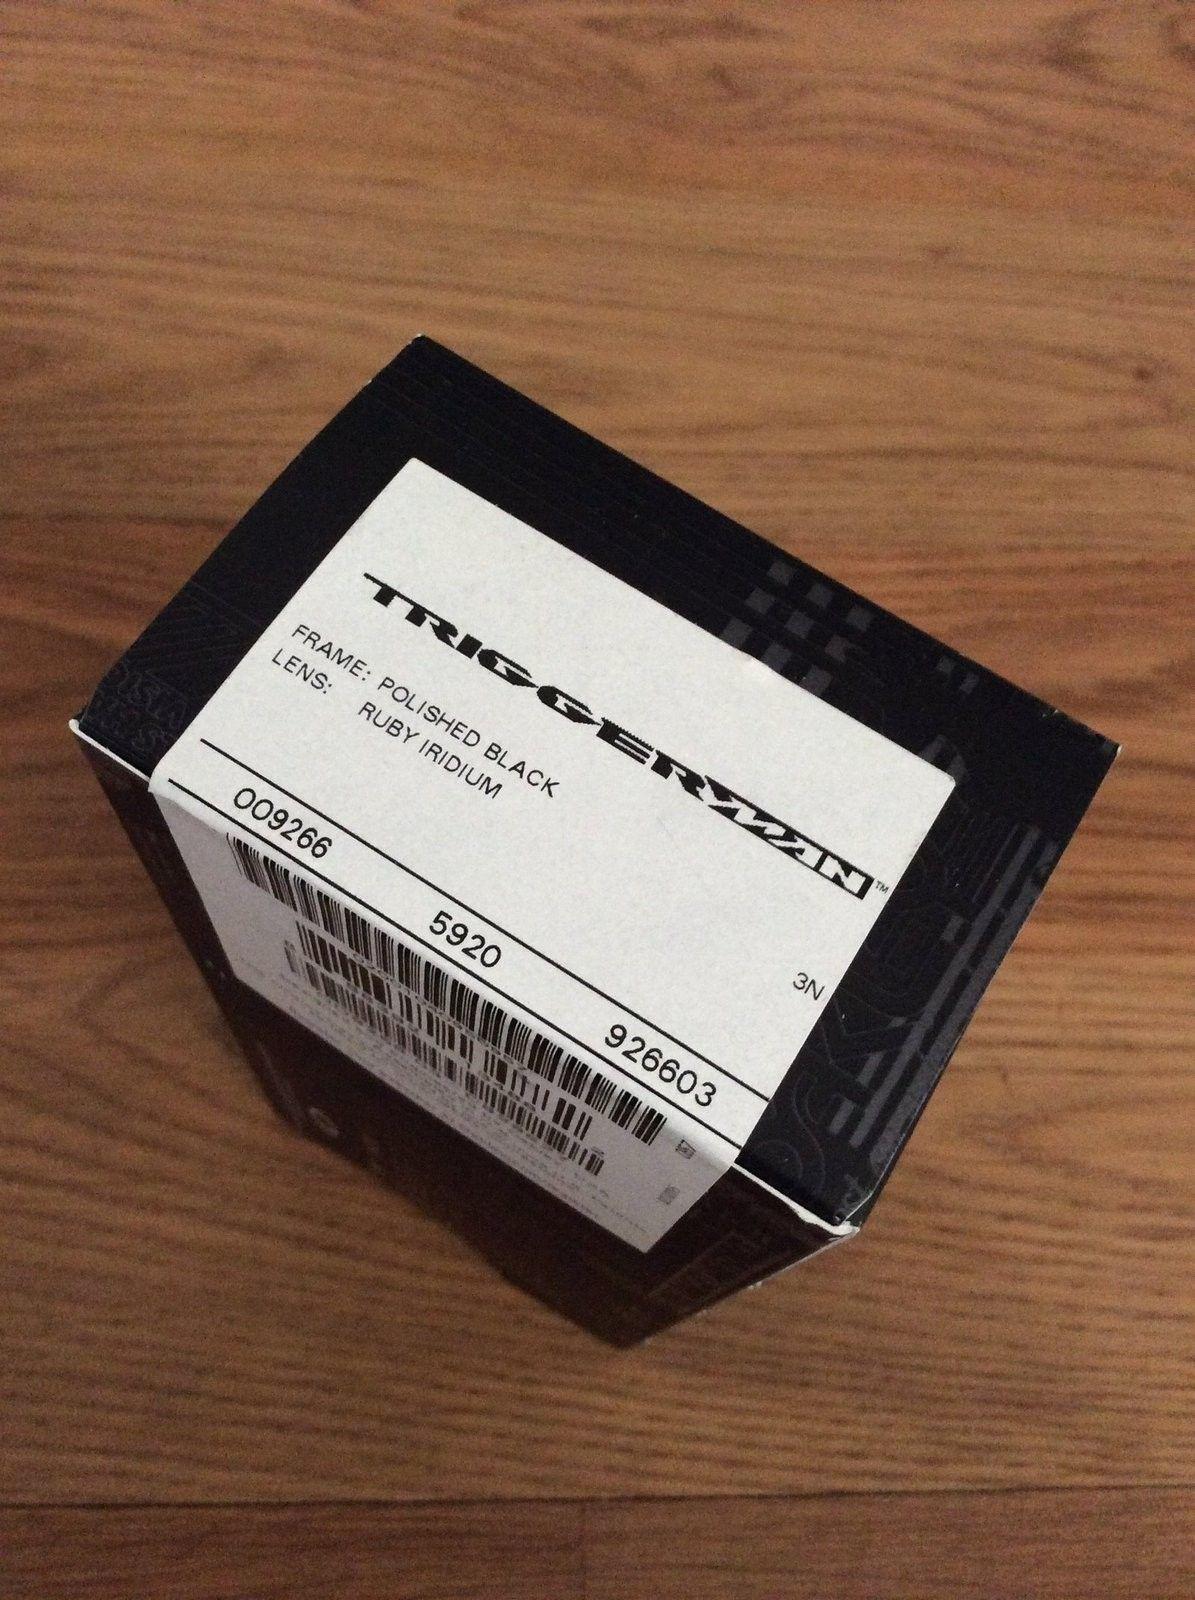 BNIB Triggerman $140 Shipped - image.jpeg